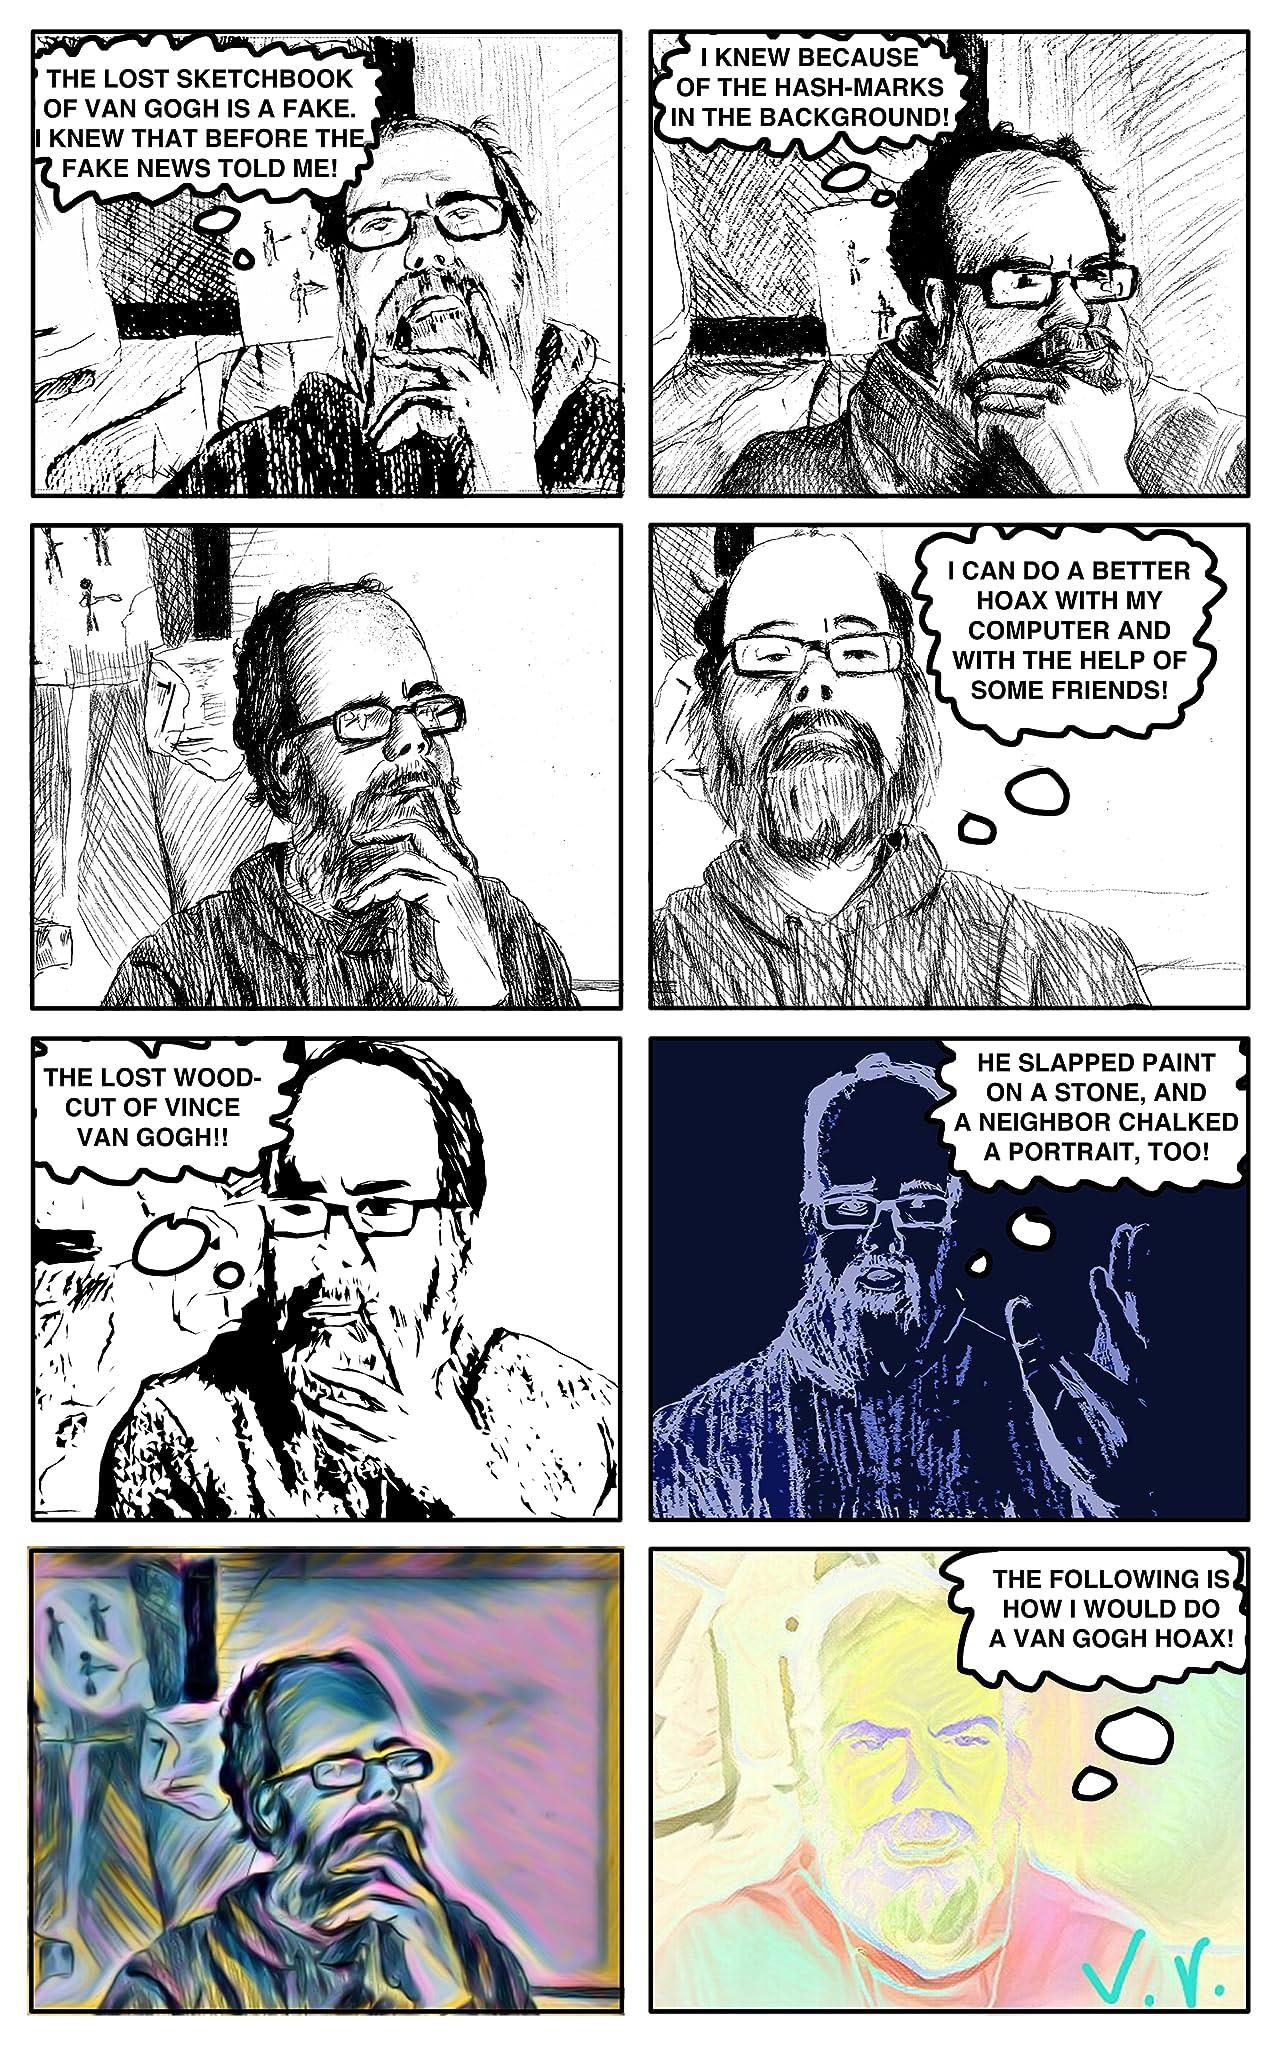 COMIX 4 COMPUTERS Vol. 2